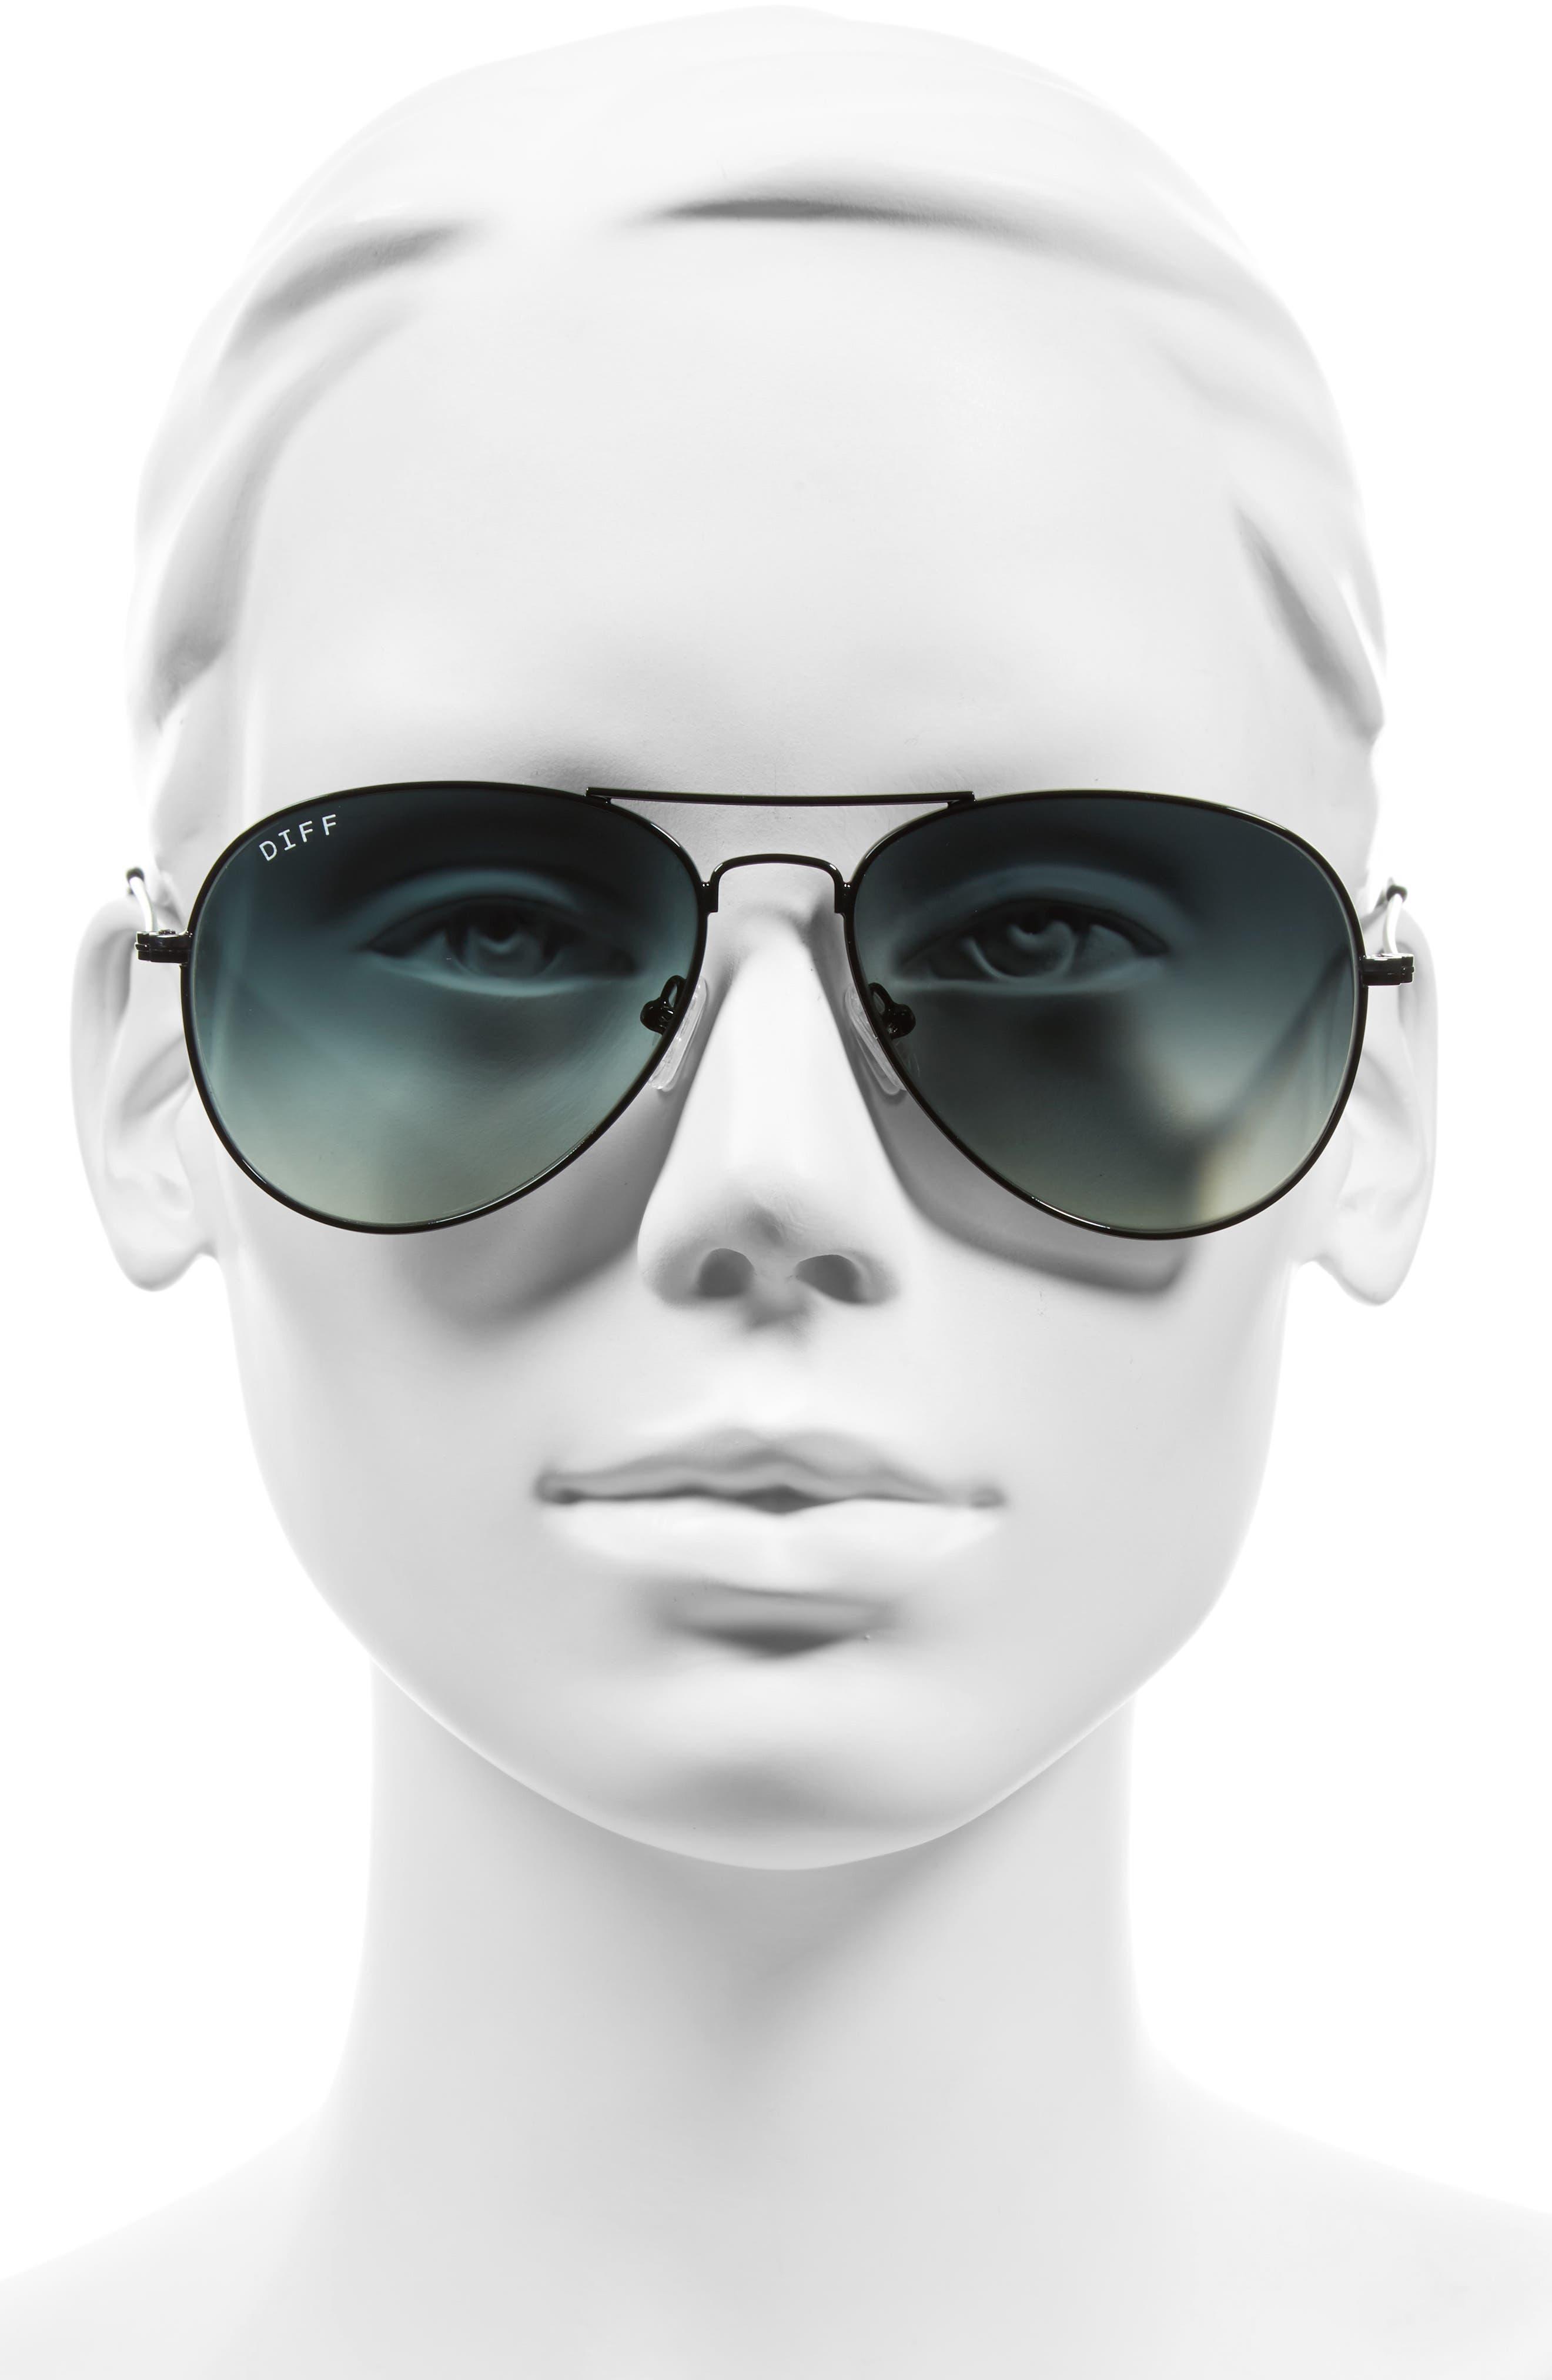 Cruz 57mm Metal Aviator Sunglasses,                             Alternate thumbnail 3, color,                             BLACK/ GREY